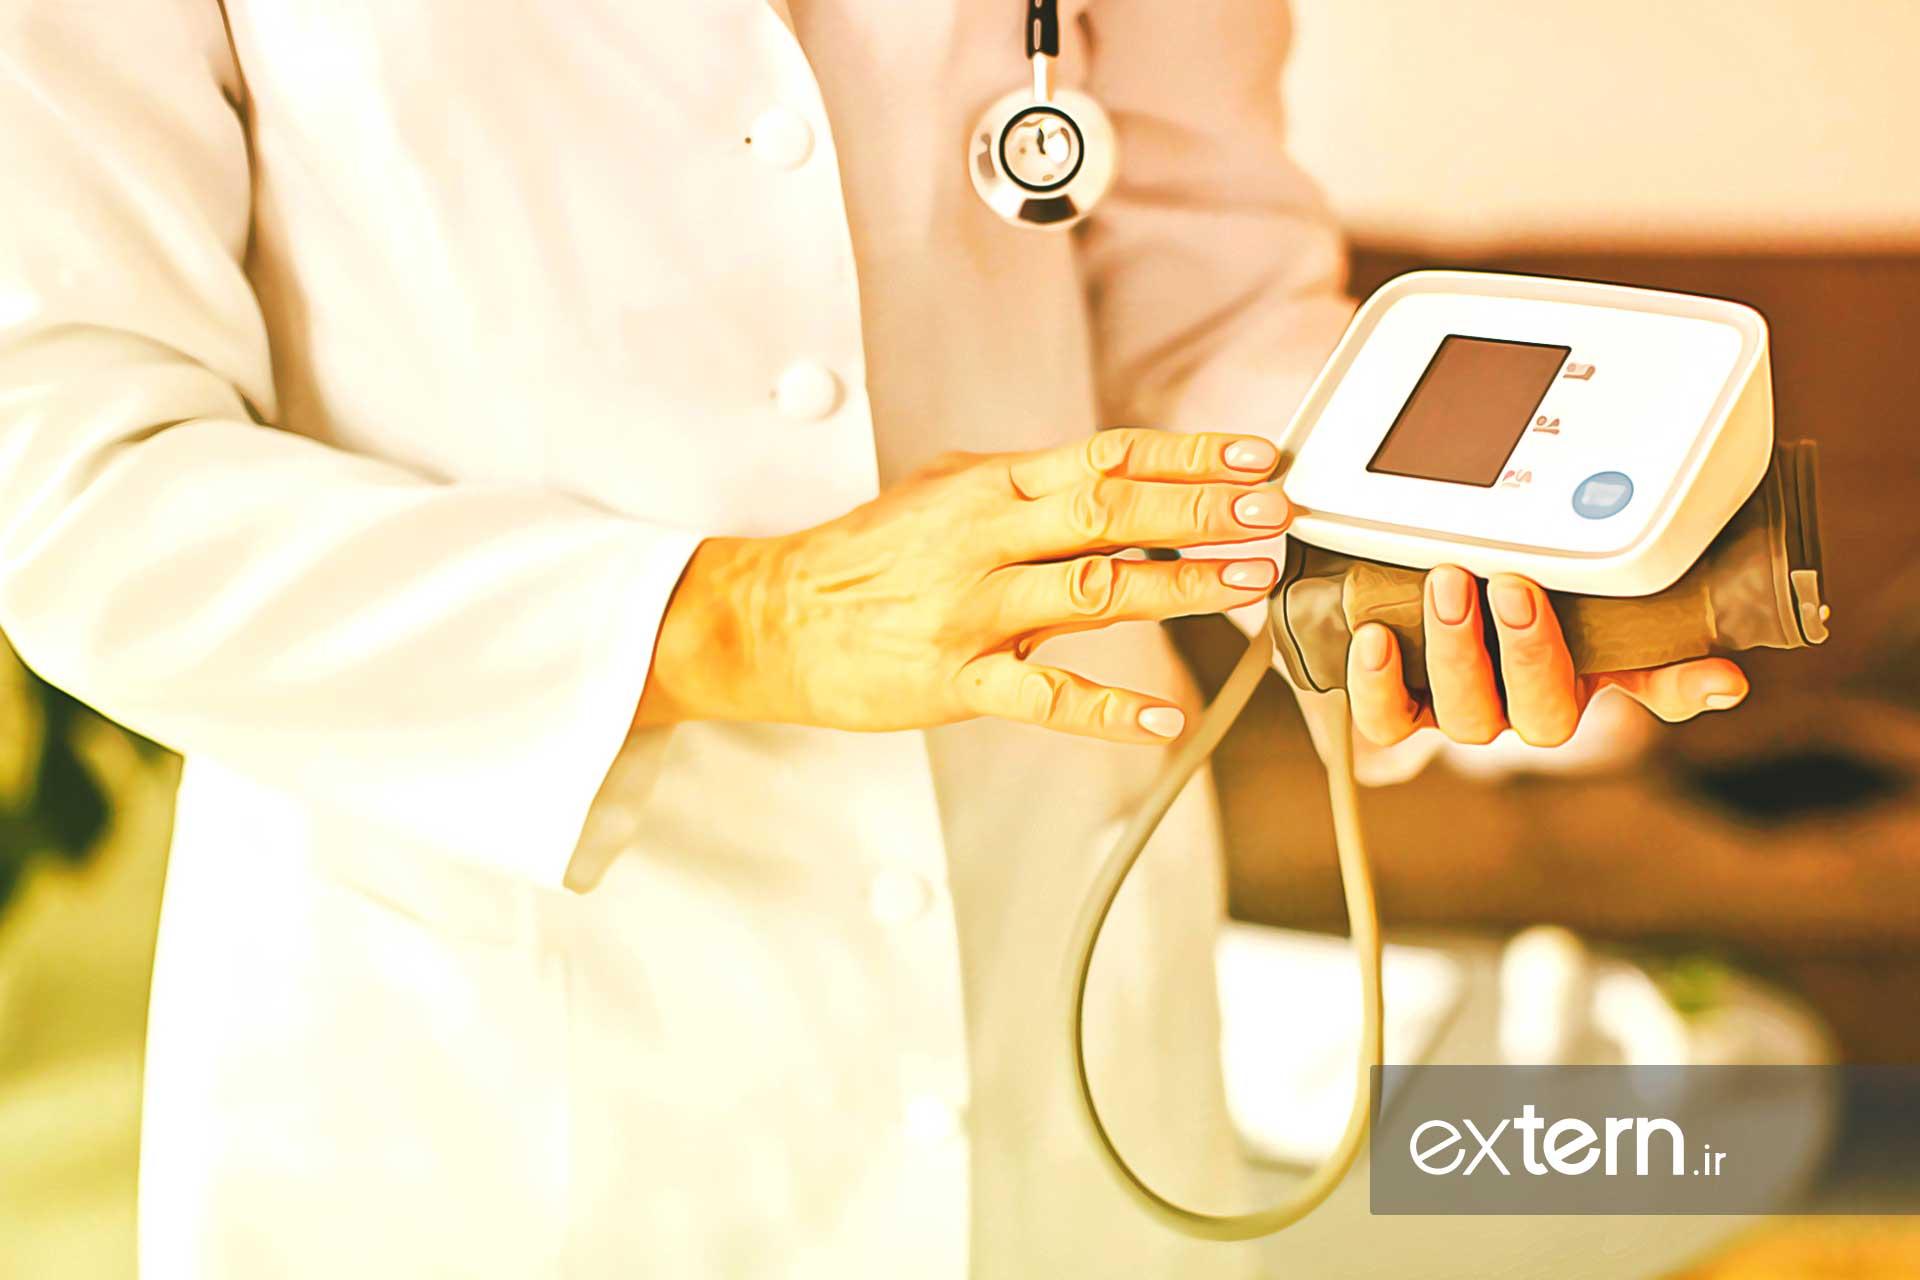 دستگاه فشارسنج دیجیتال یا الکترونیکی برای گرفتن فشارخون